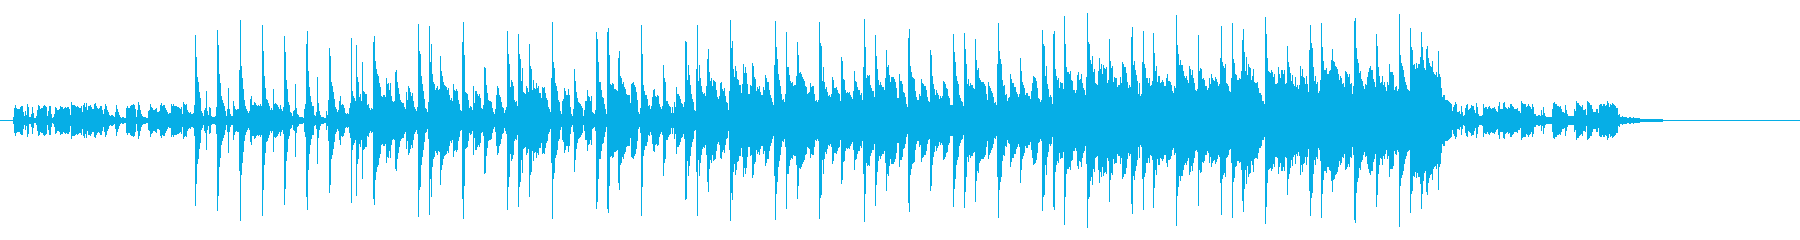 【エレキギター】優しい雰囲気のポップスの再生済みの波形